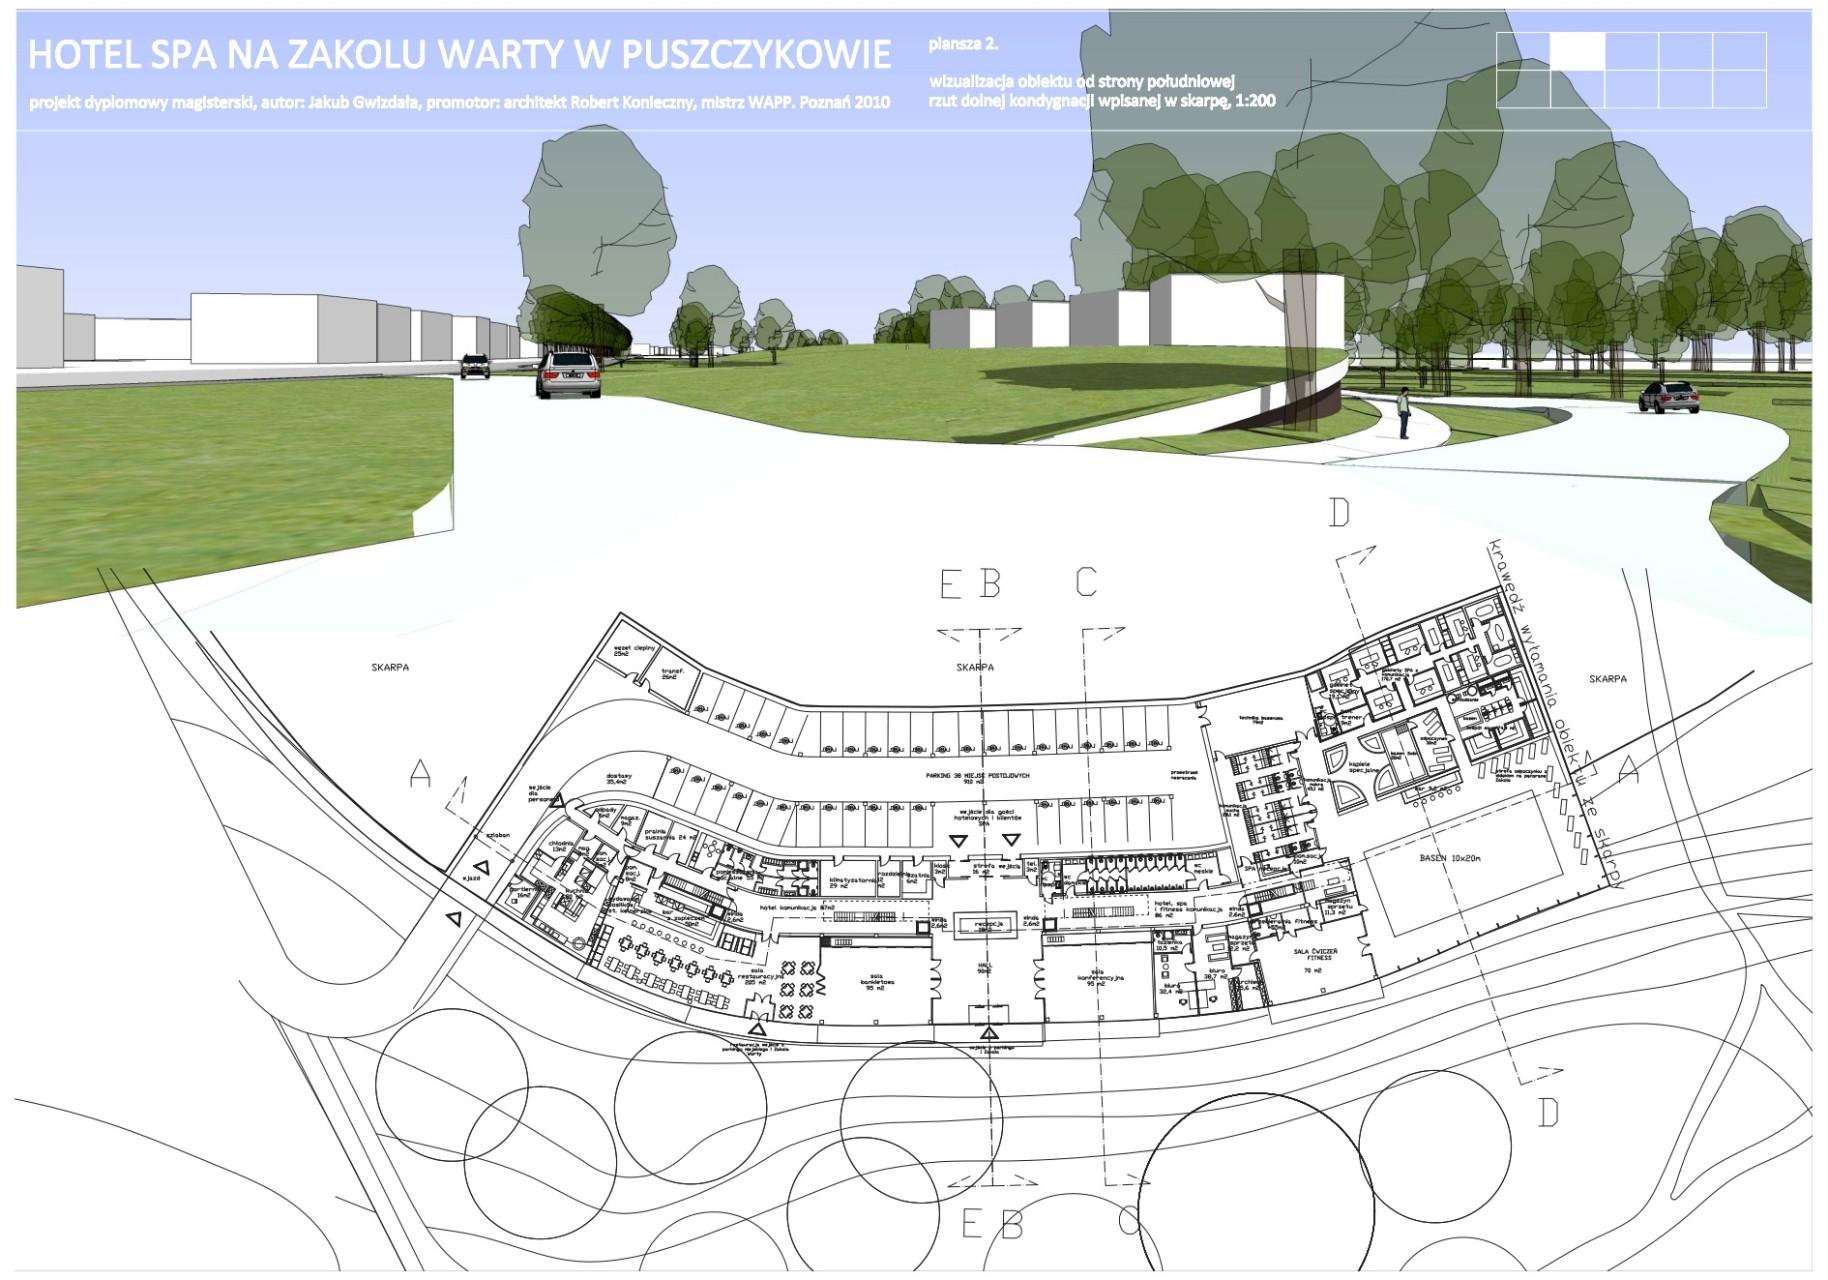 thinking architects ARCHITEKT Jakub Gwizdała projekty gotowe nowoczesny projekt domu level-0-SPA-puszczykowo-thinking-architects